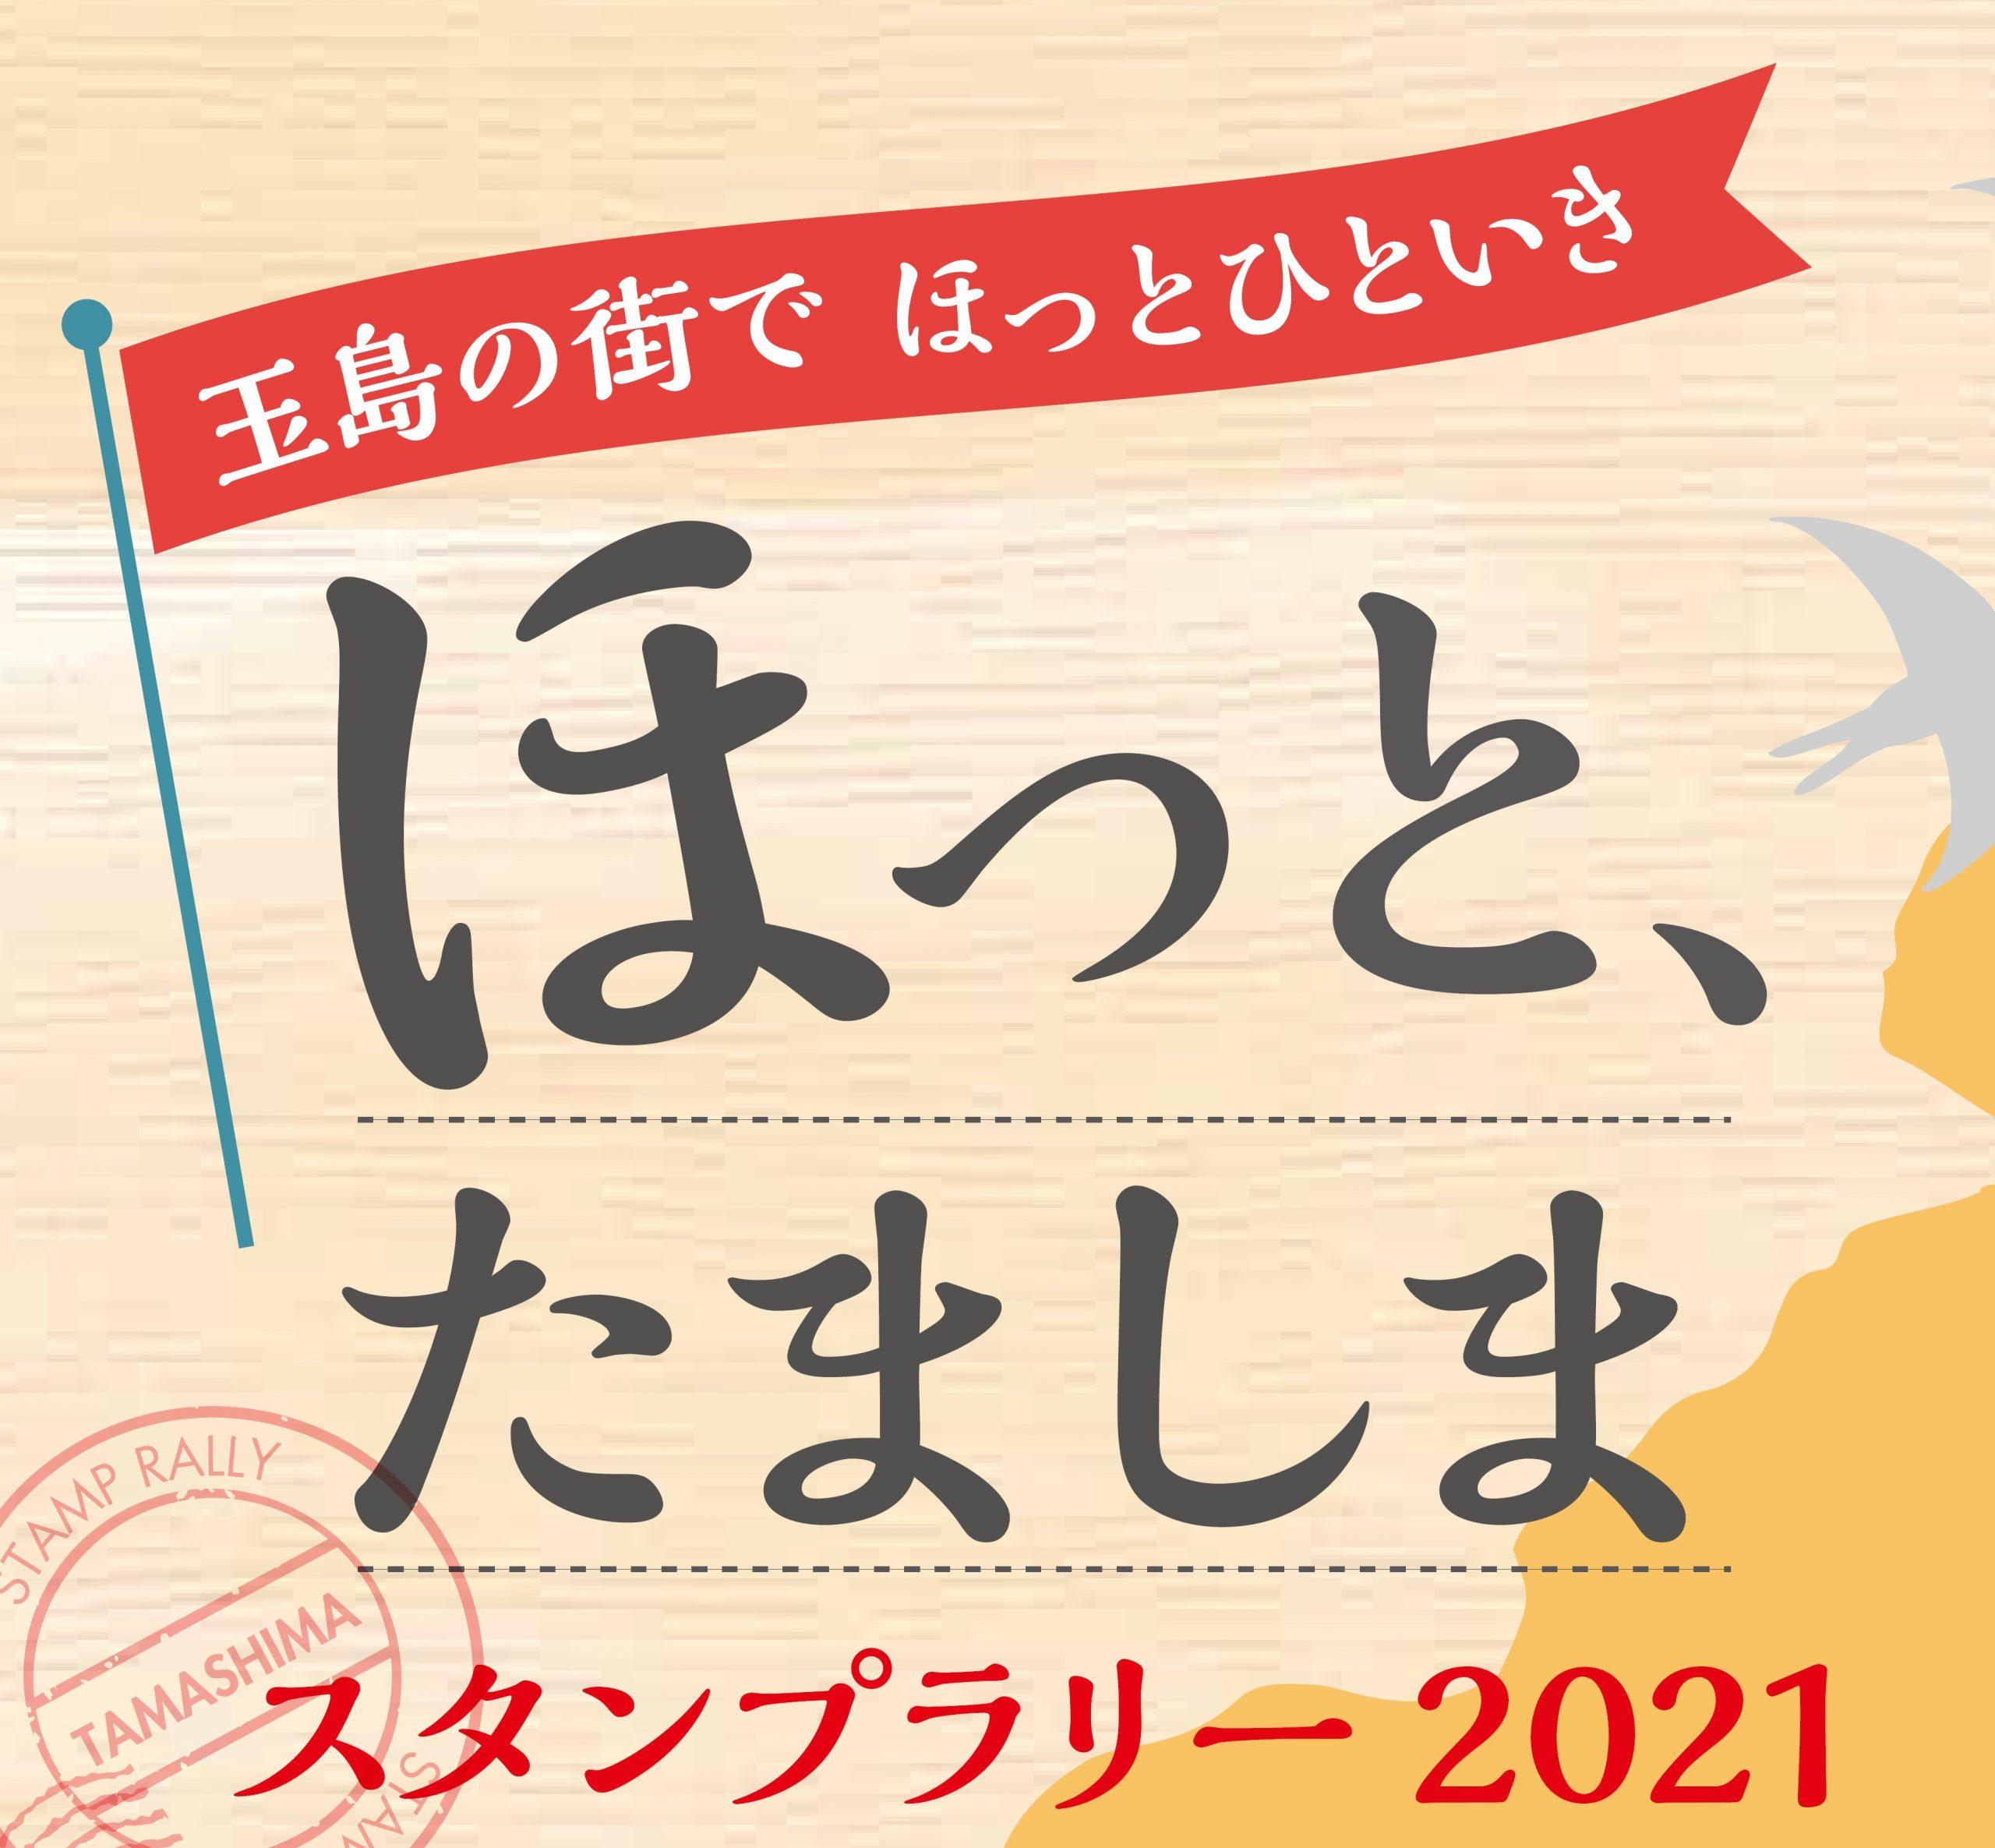 「ほっと、たましまスタンプラリー2021」開催!